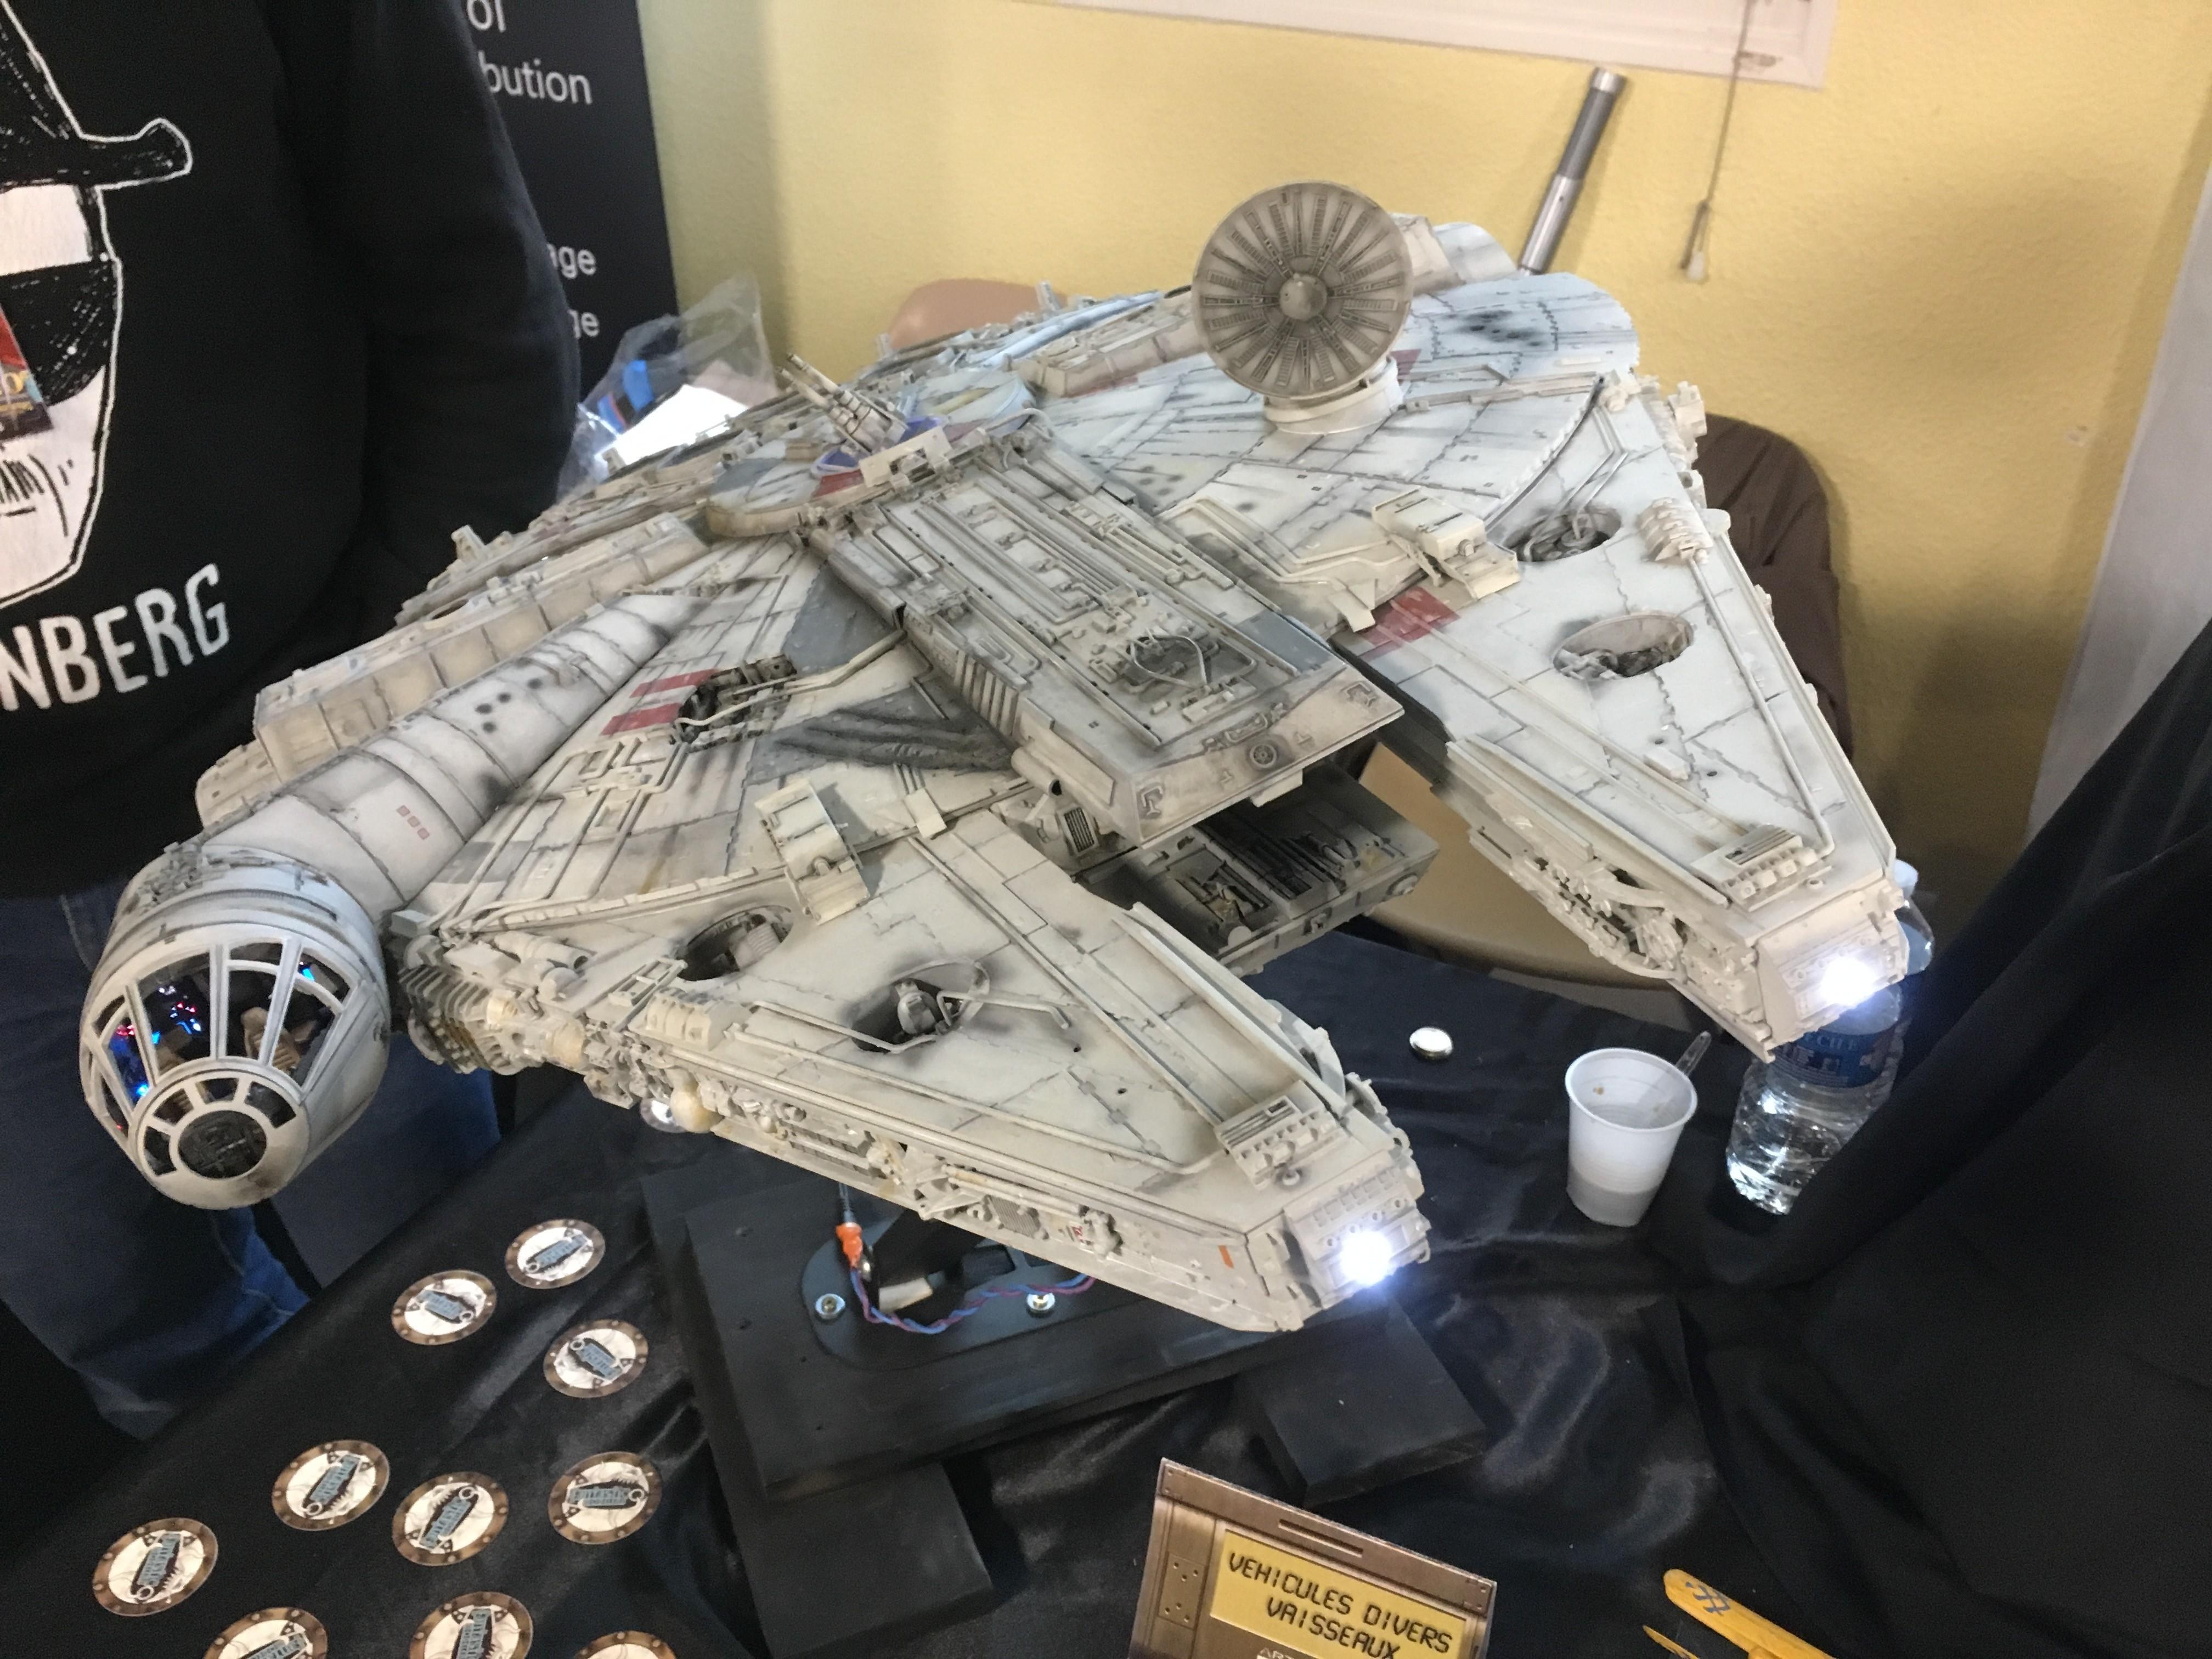 Générations Star Wars et SF 20ème édition - Cusset - 28 et 29 avril 2018 CTqIJ7